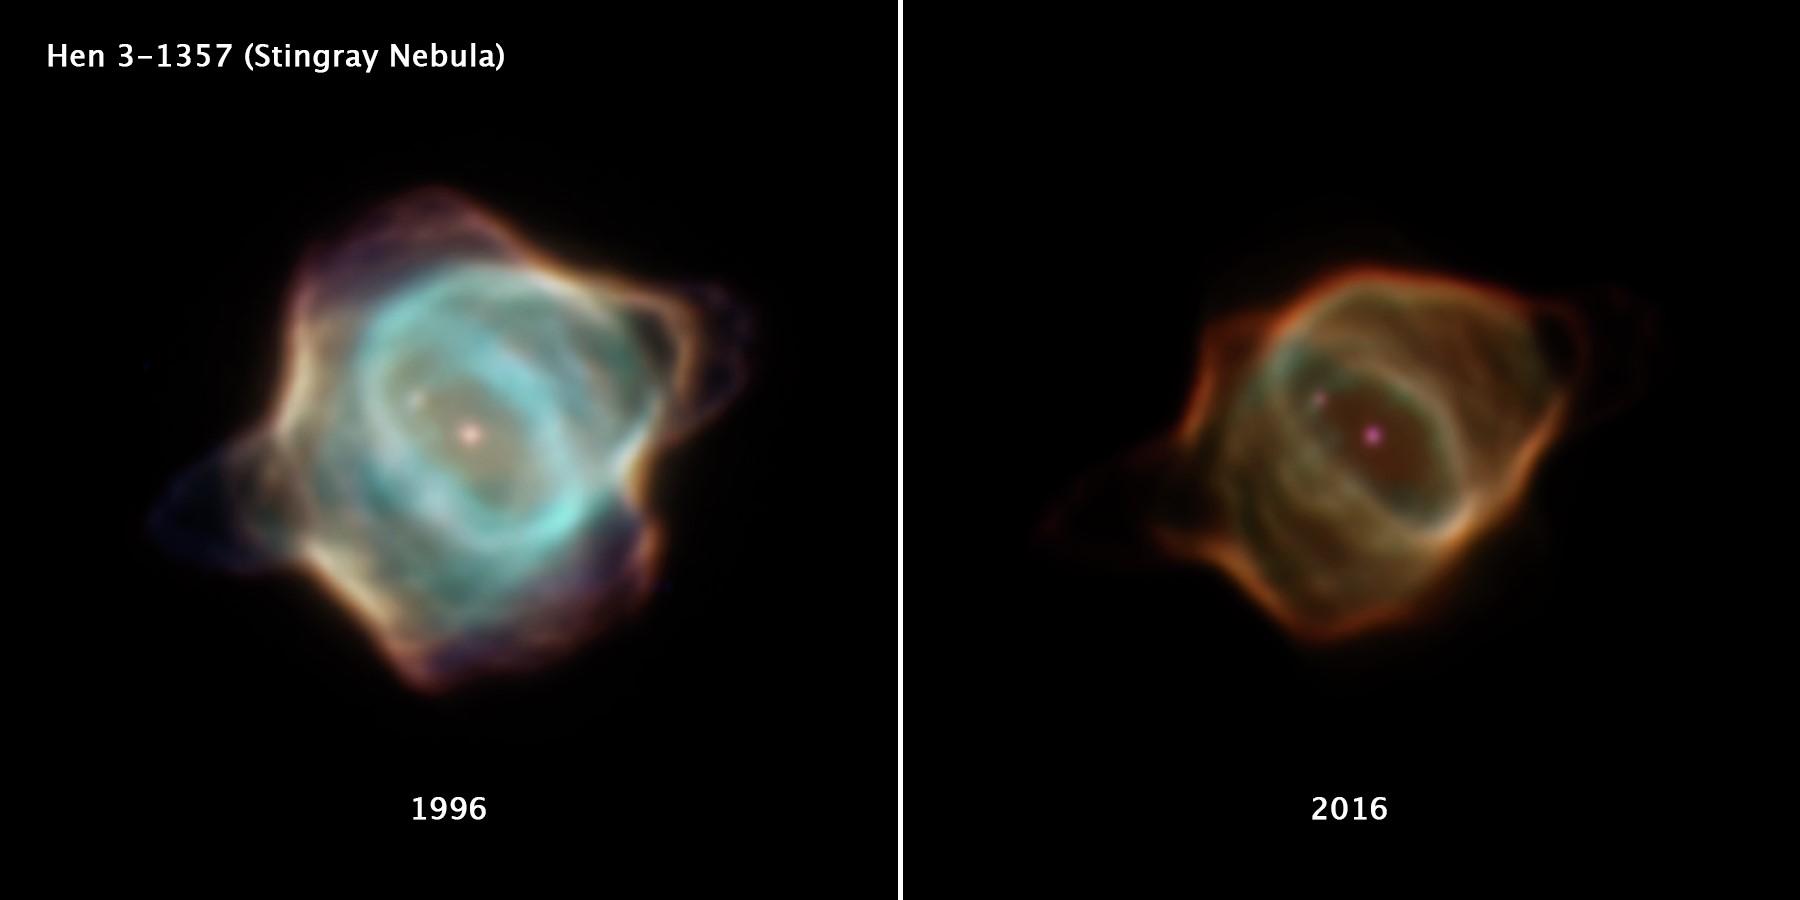 Le télescope spatial Hubble de la NASA a capturé des photos de la nébuleuse Stingray en 1996 et 2016, montrant une différence dramatique dans la luminosité et la forme de la nébuleuse sur 20 ans.